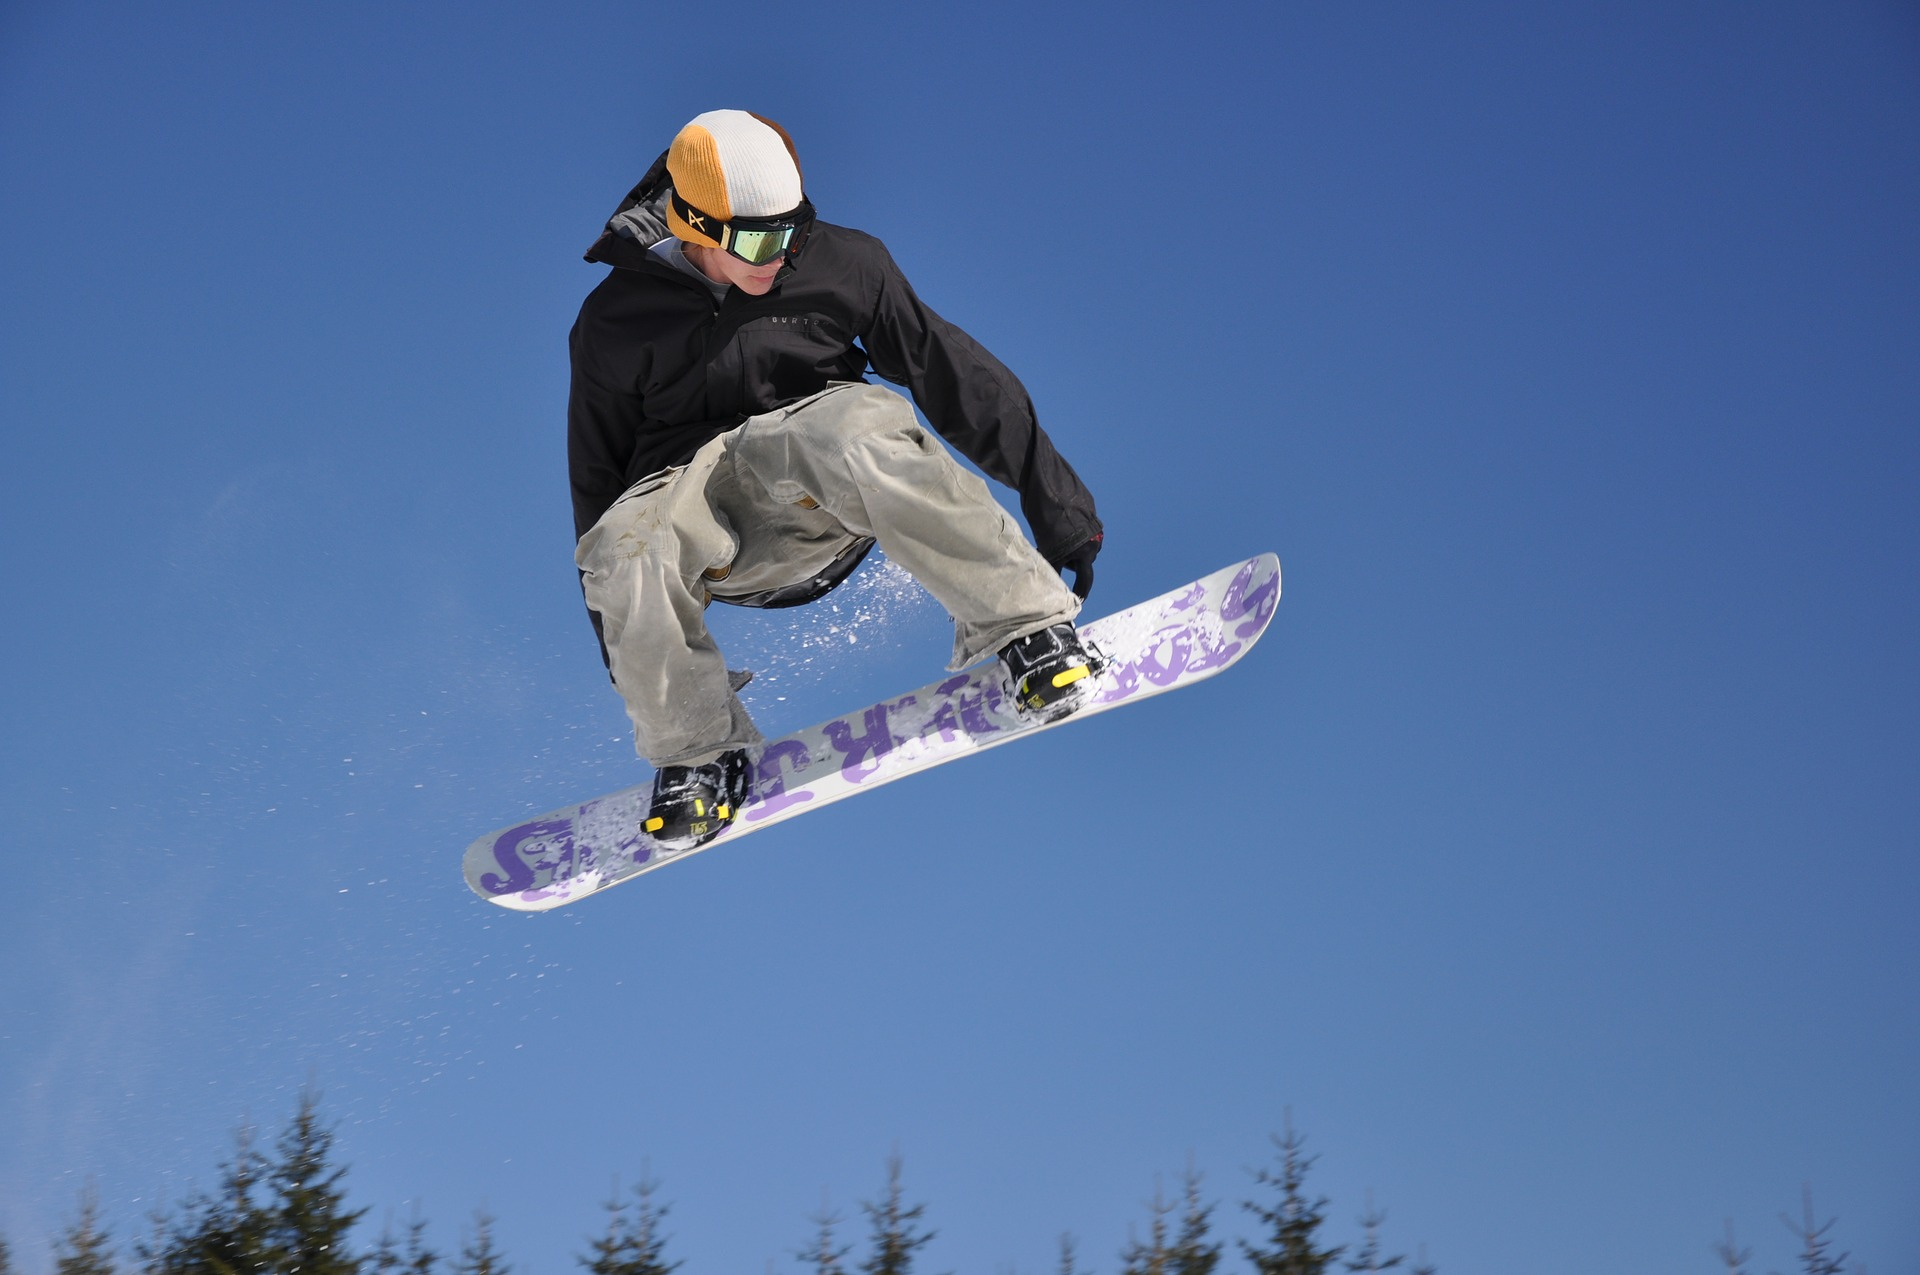 migliori tavole snowboard